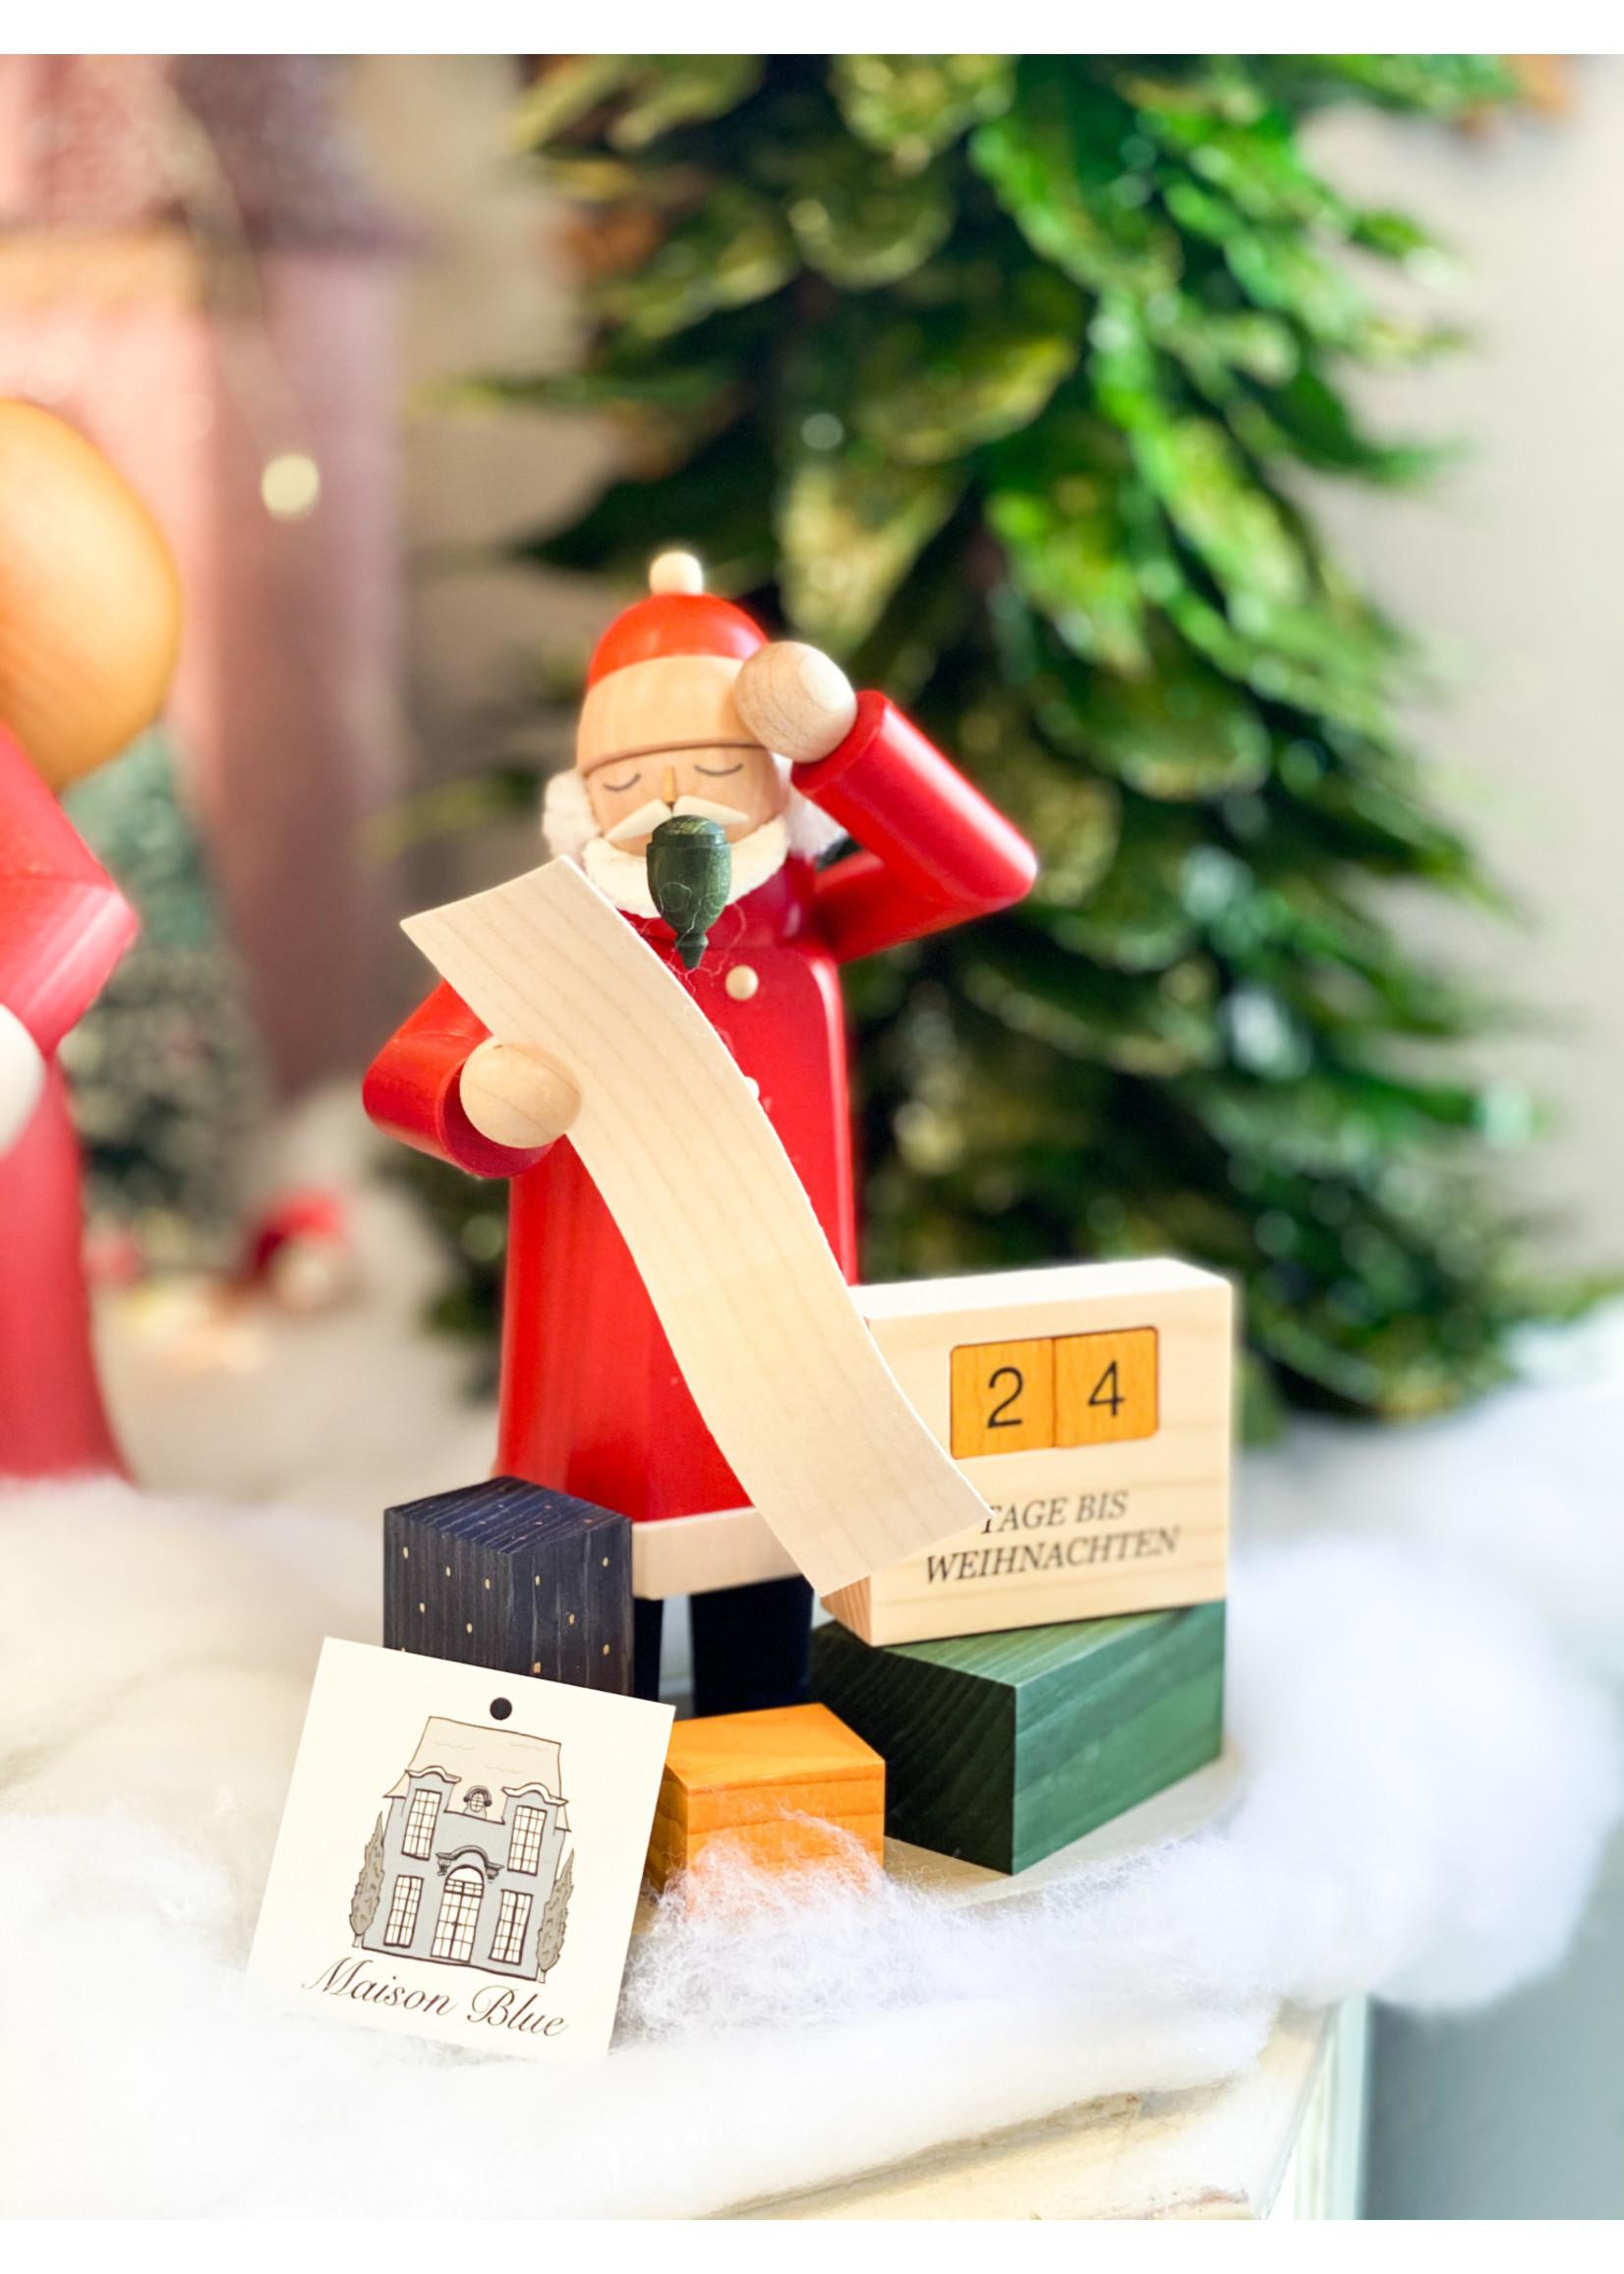 Smoker Santa with Christmas Countdown